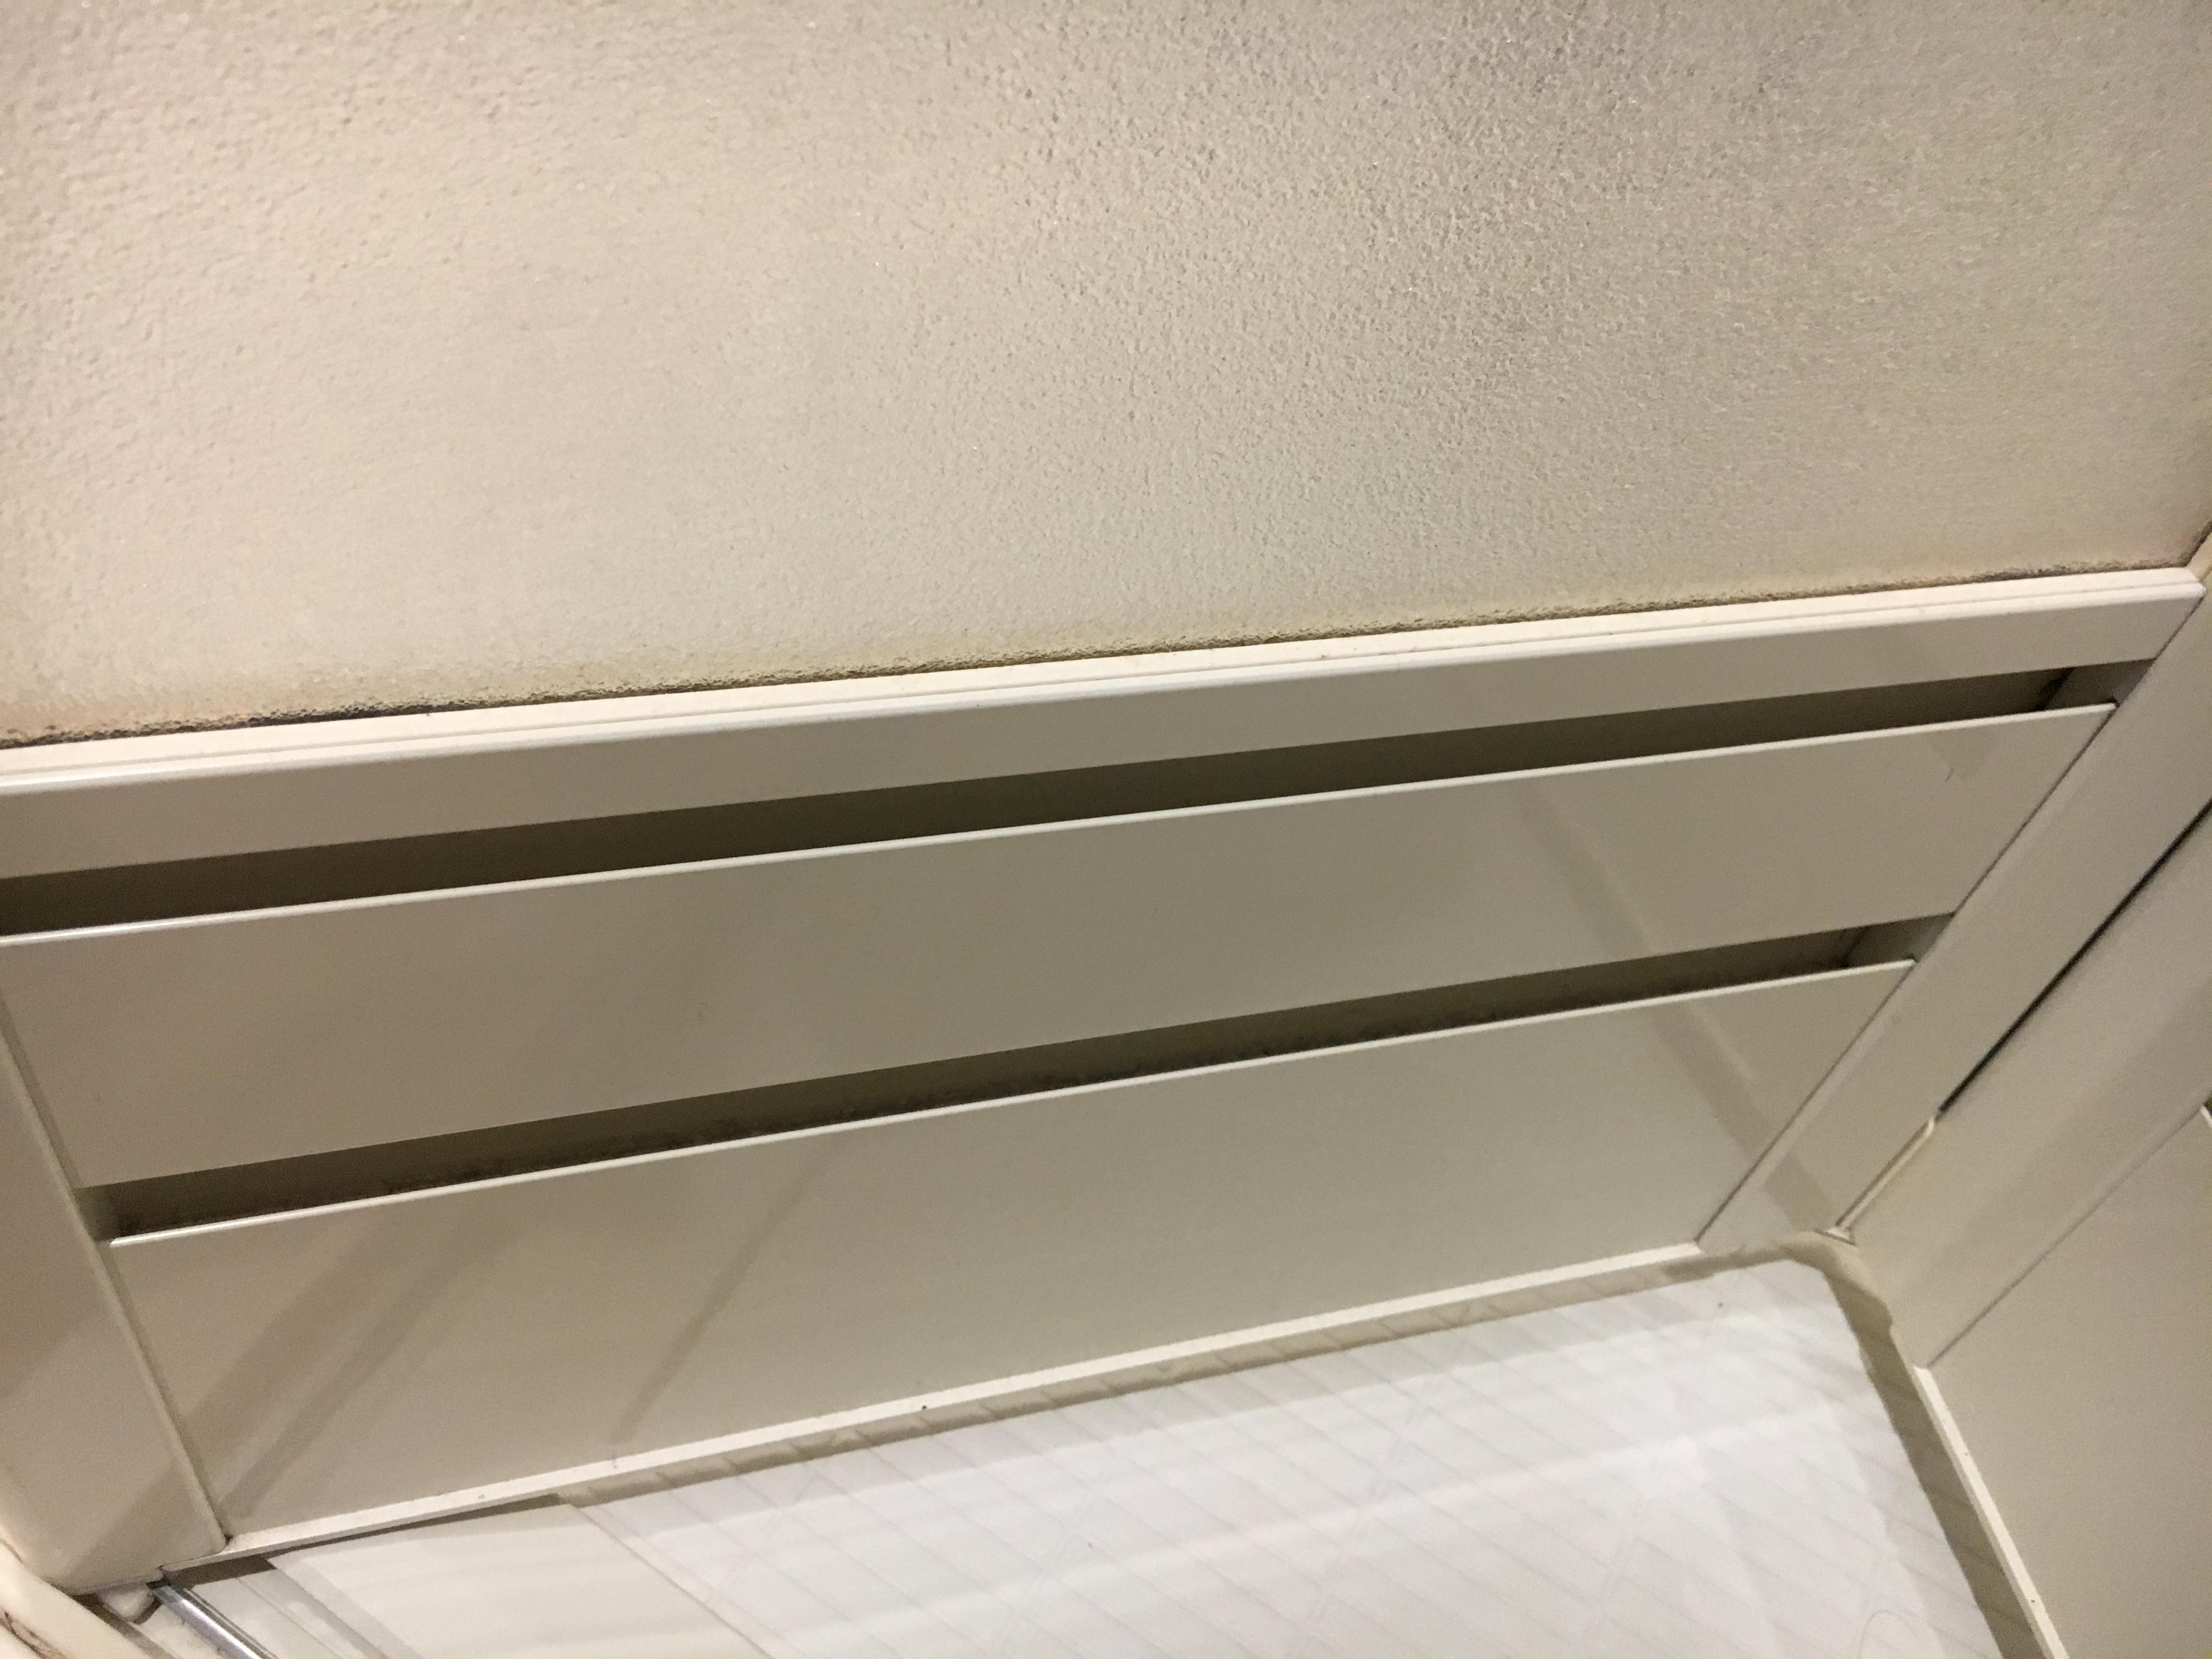 浴室ドアの換気口を掃除!カビは○○○液湿布でスッキリ!